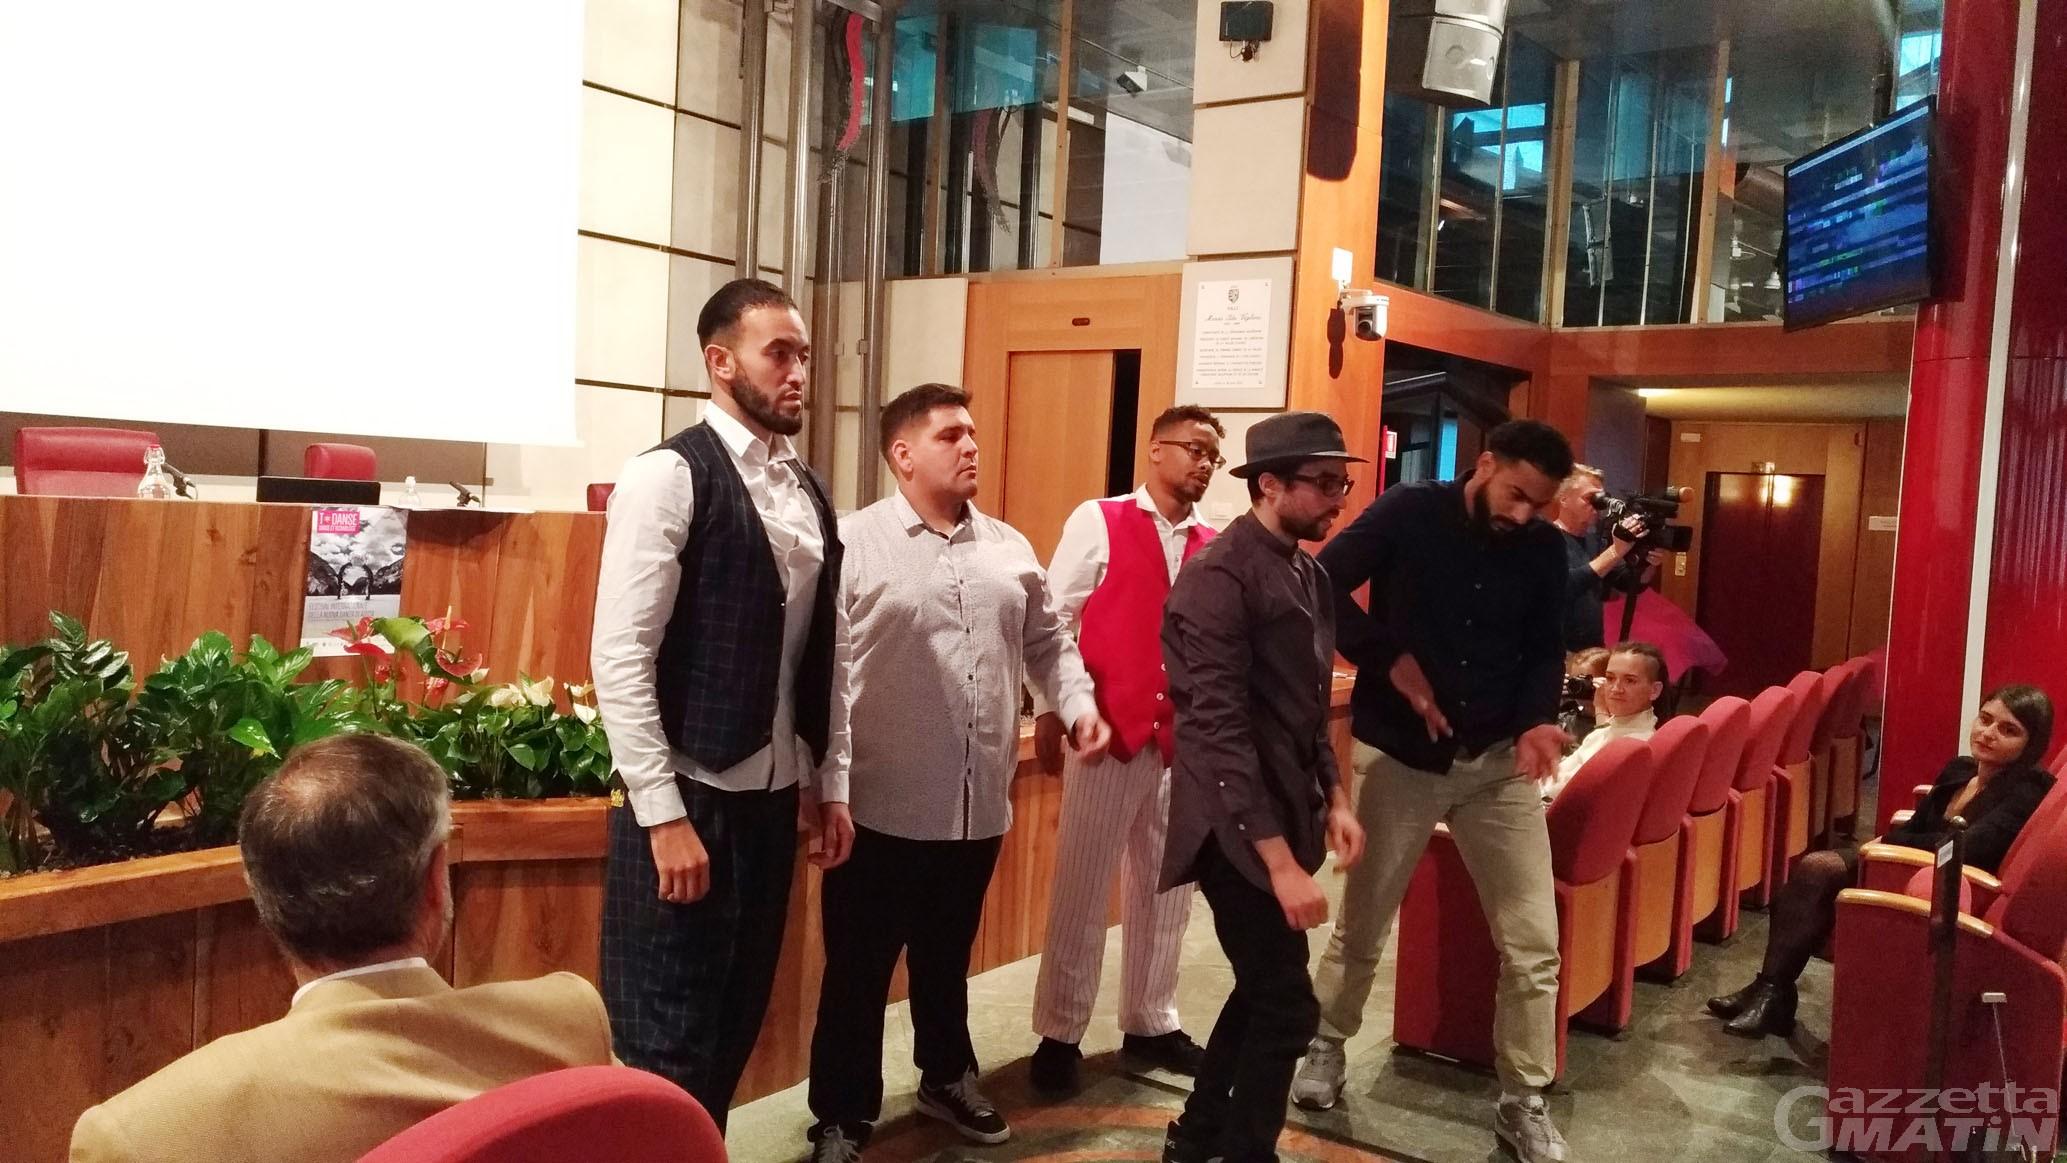 Nuova danza: T*Danse, una settimana di esibizioni ad Aosta